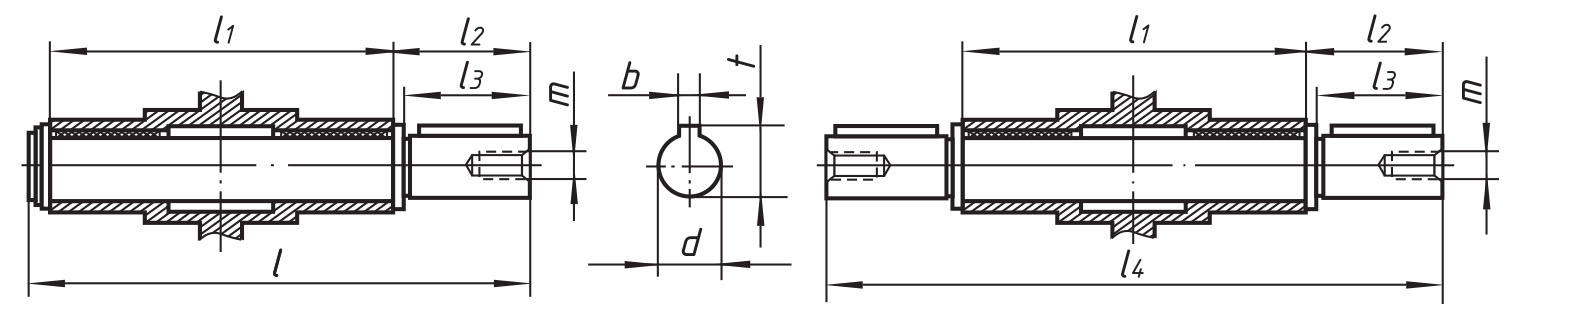 Размеры выходного вала мотор-редукторов 9МЧ